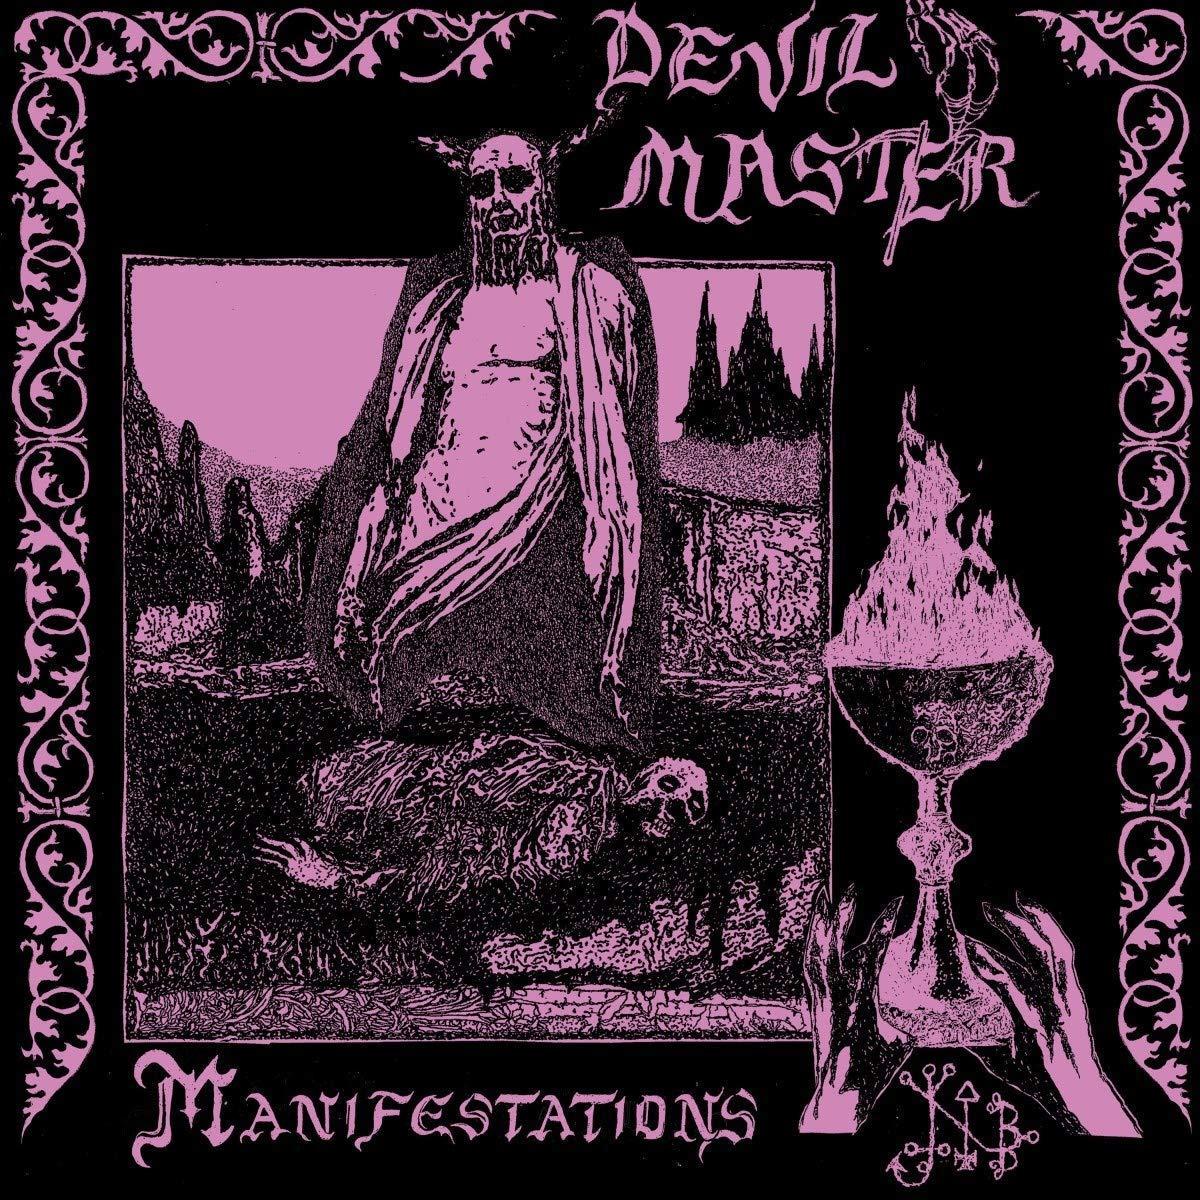 Vinilo : Devil Master - Manifestations (LP Vinyl)